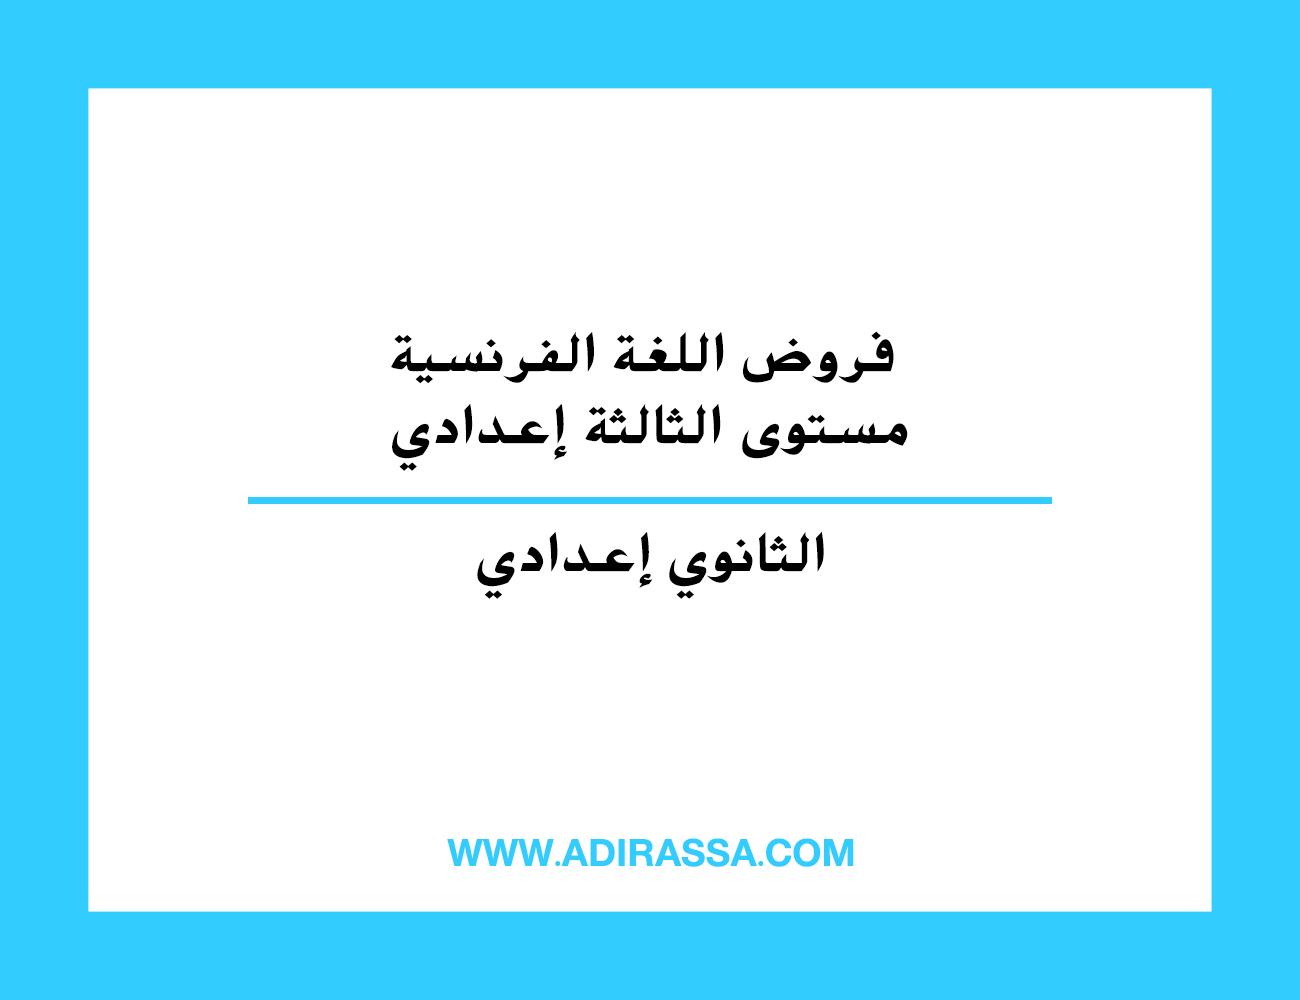 فروض اللغة الفرنسية مستوى الثالثة إعدادي المقررة في المدرسة المغربية